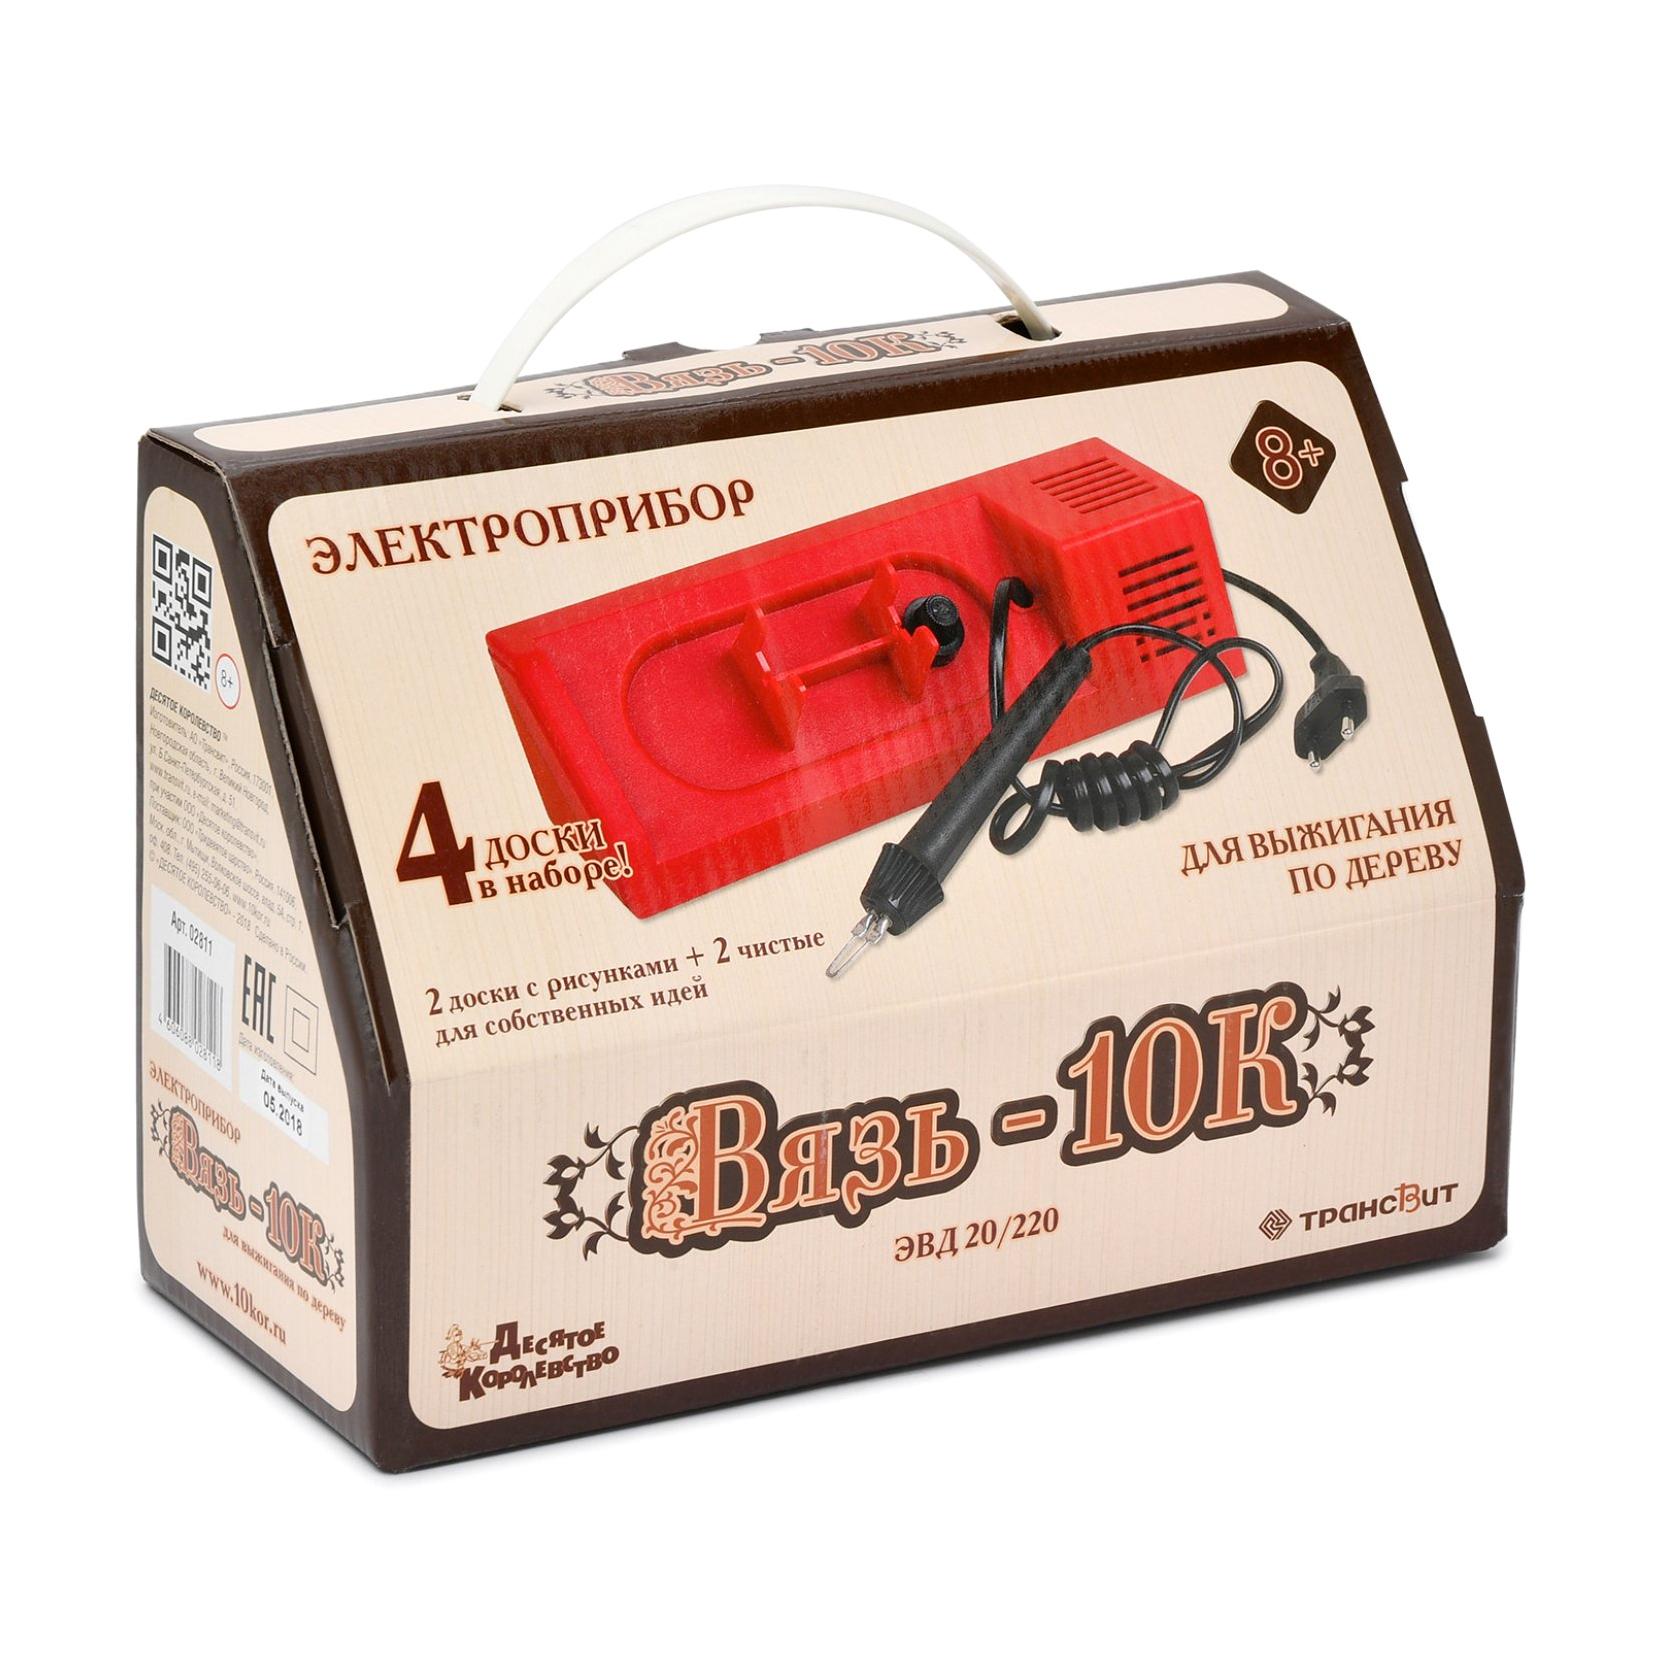 Фото - Аппарат для выжигания Десятое Королевство Вязь-10К + 4 доски аппарат для выжигания десятое королевство вязь 10к 4 доски 02811